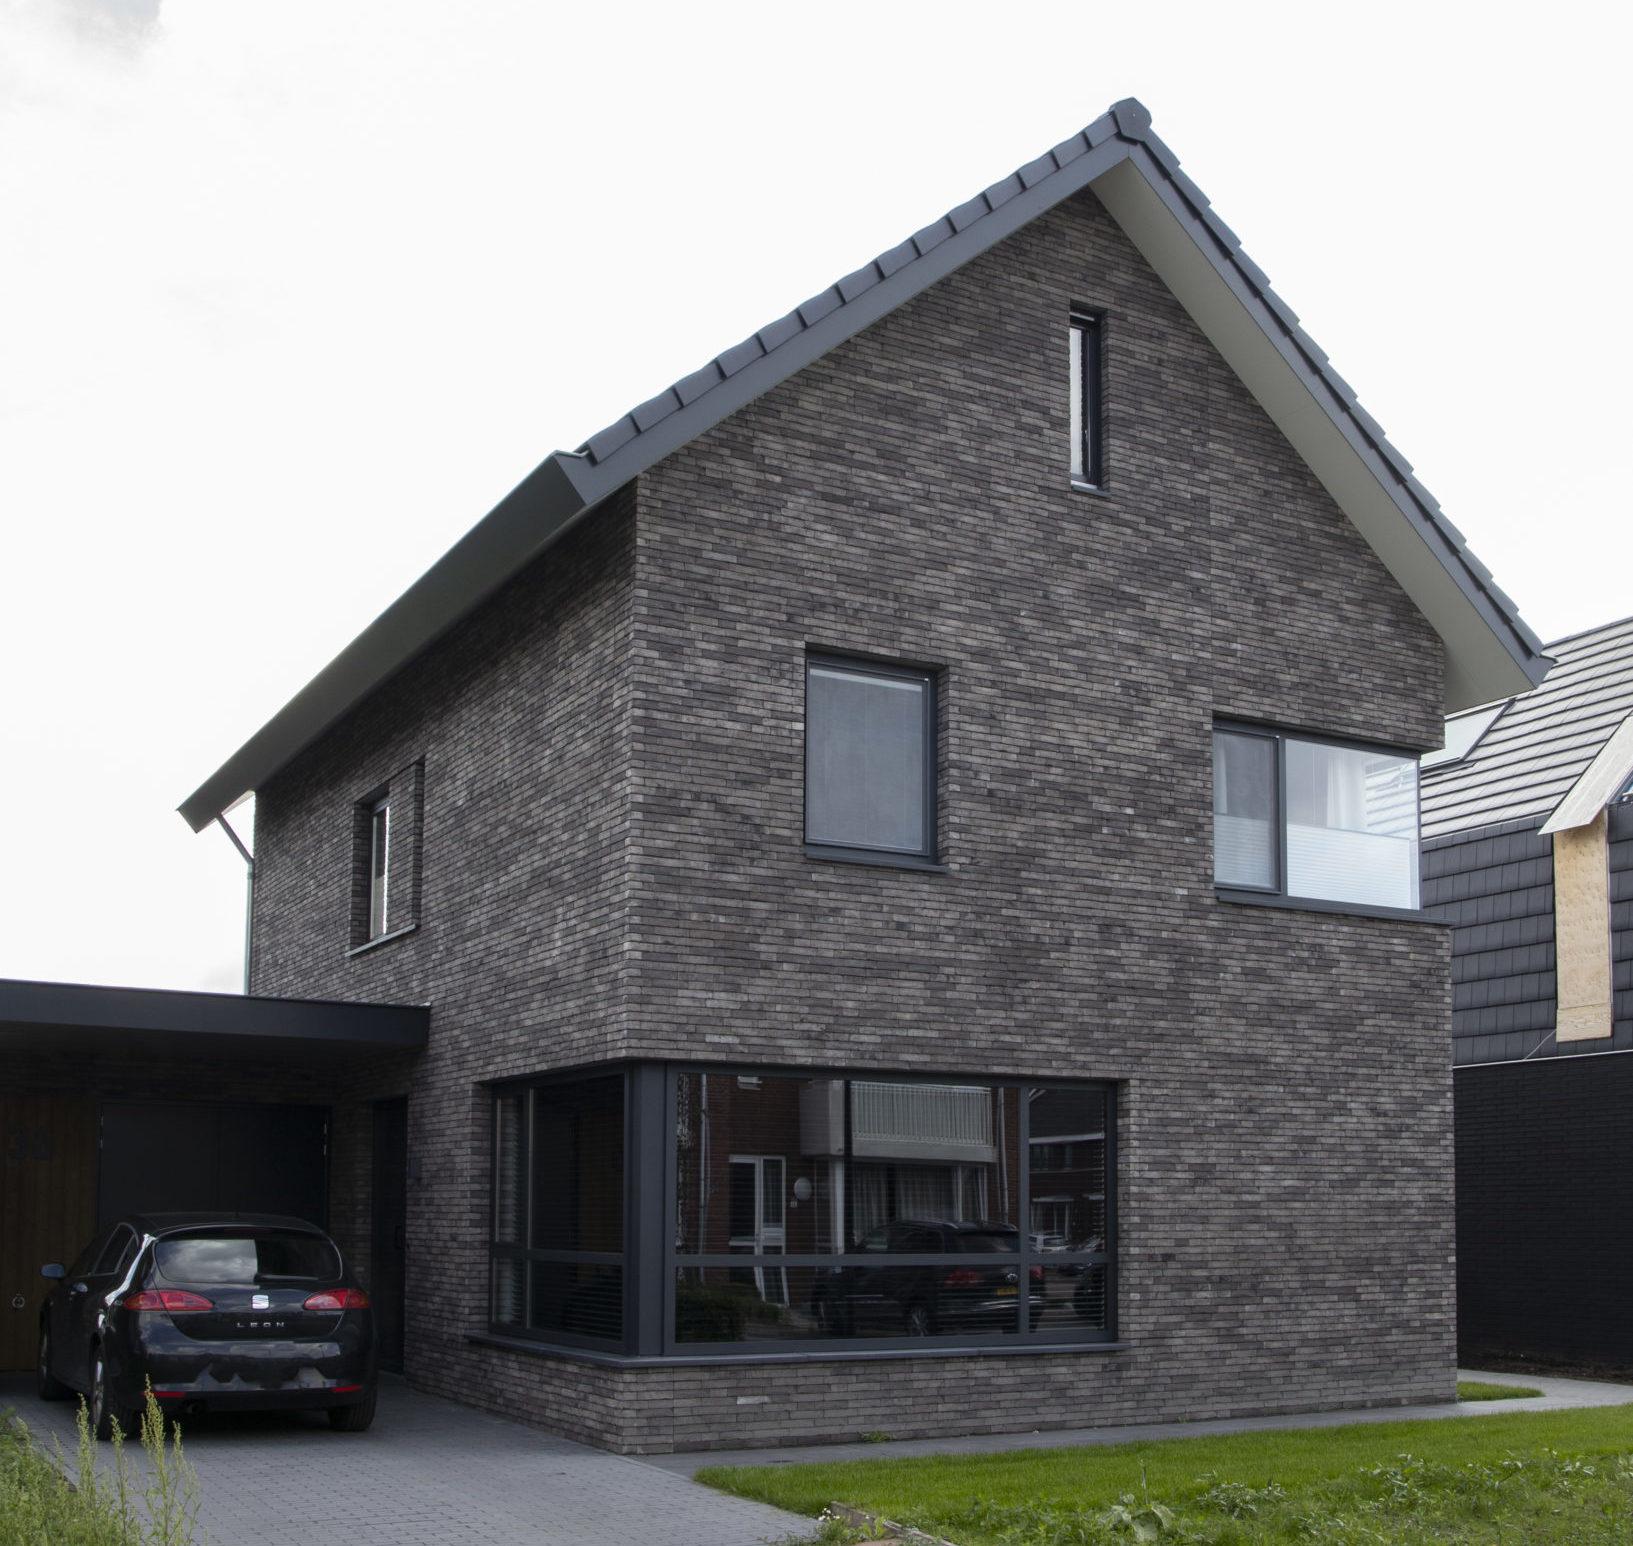 https://www.leonpeterskozijnen.nl/wp-content/uploads/2020/07/Leon-30-scaled-e1594924849222.jpg